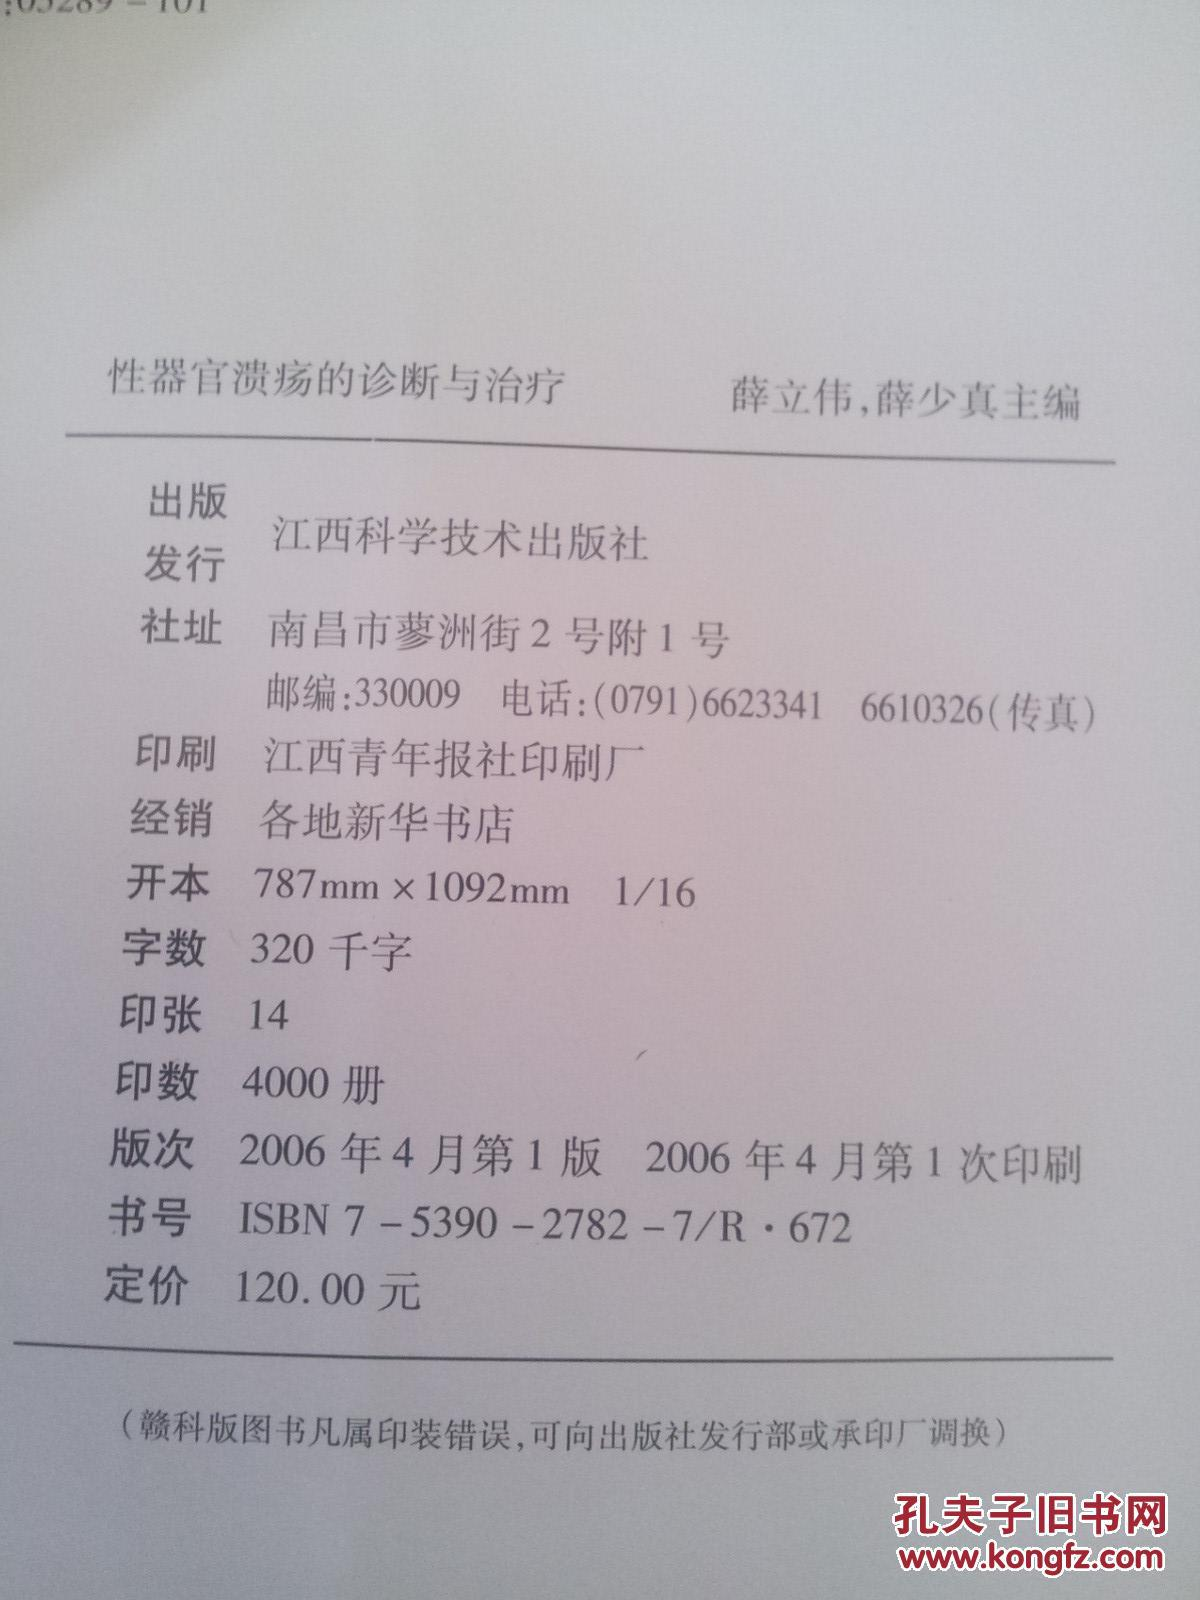 长春最好的男科医院_宁波最好治疗性病医院 - www.klieqi.com